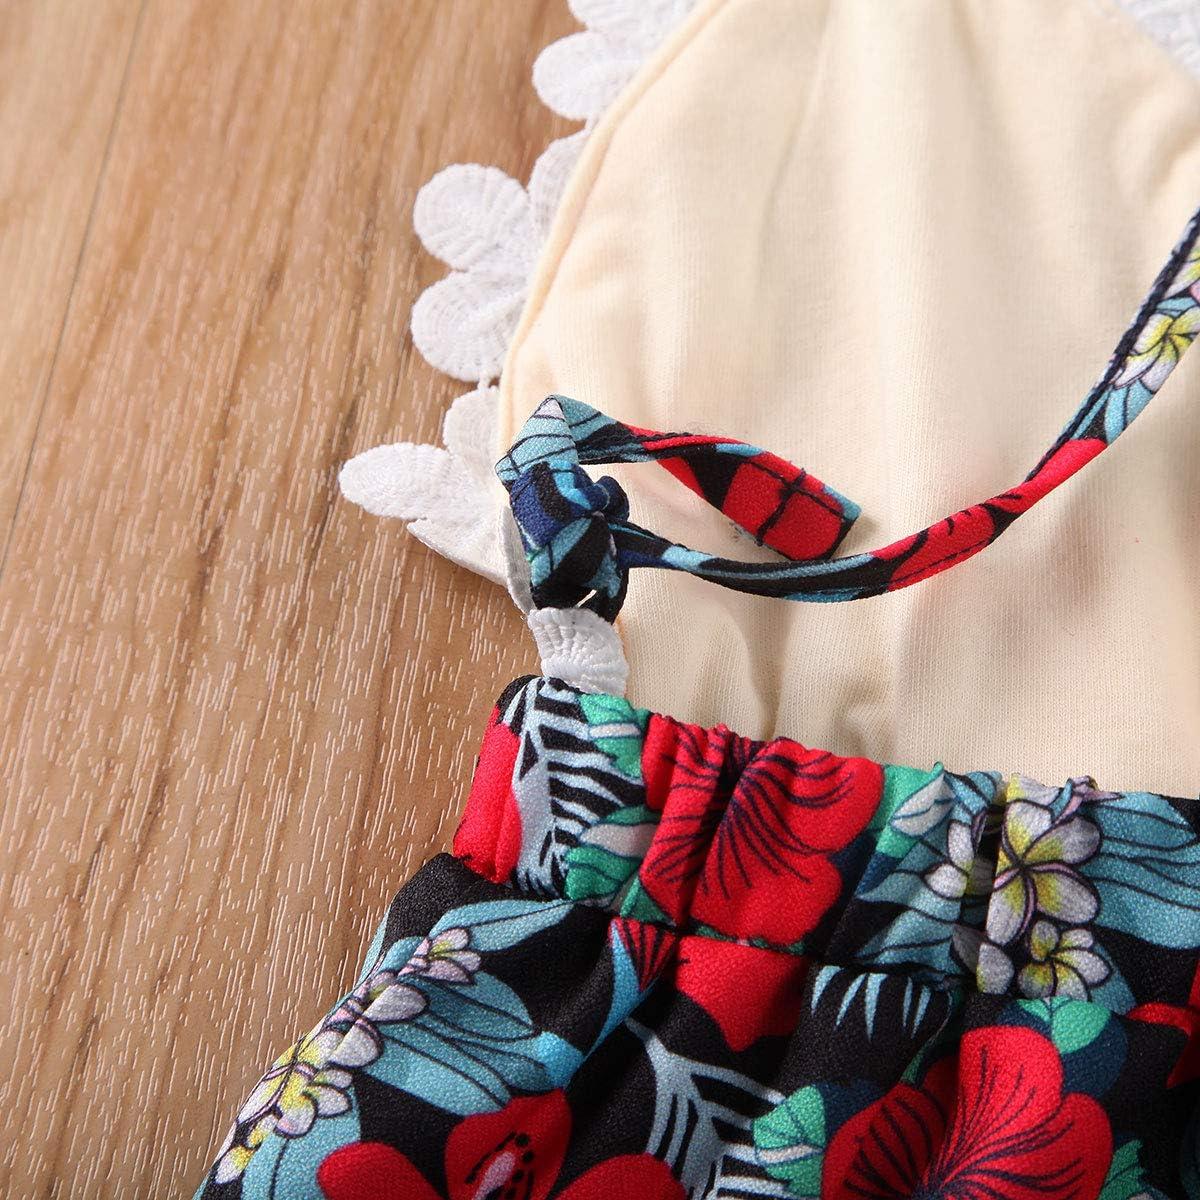 v/êtements de f/ête de vacances Barboteuse d/ét/é en coton sans manches pour petite fille avec imprim/é floral 0-3 ans